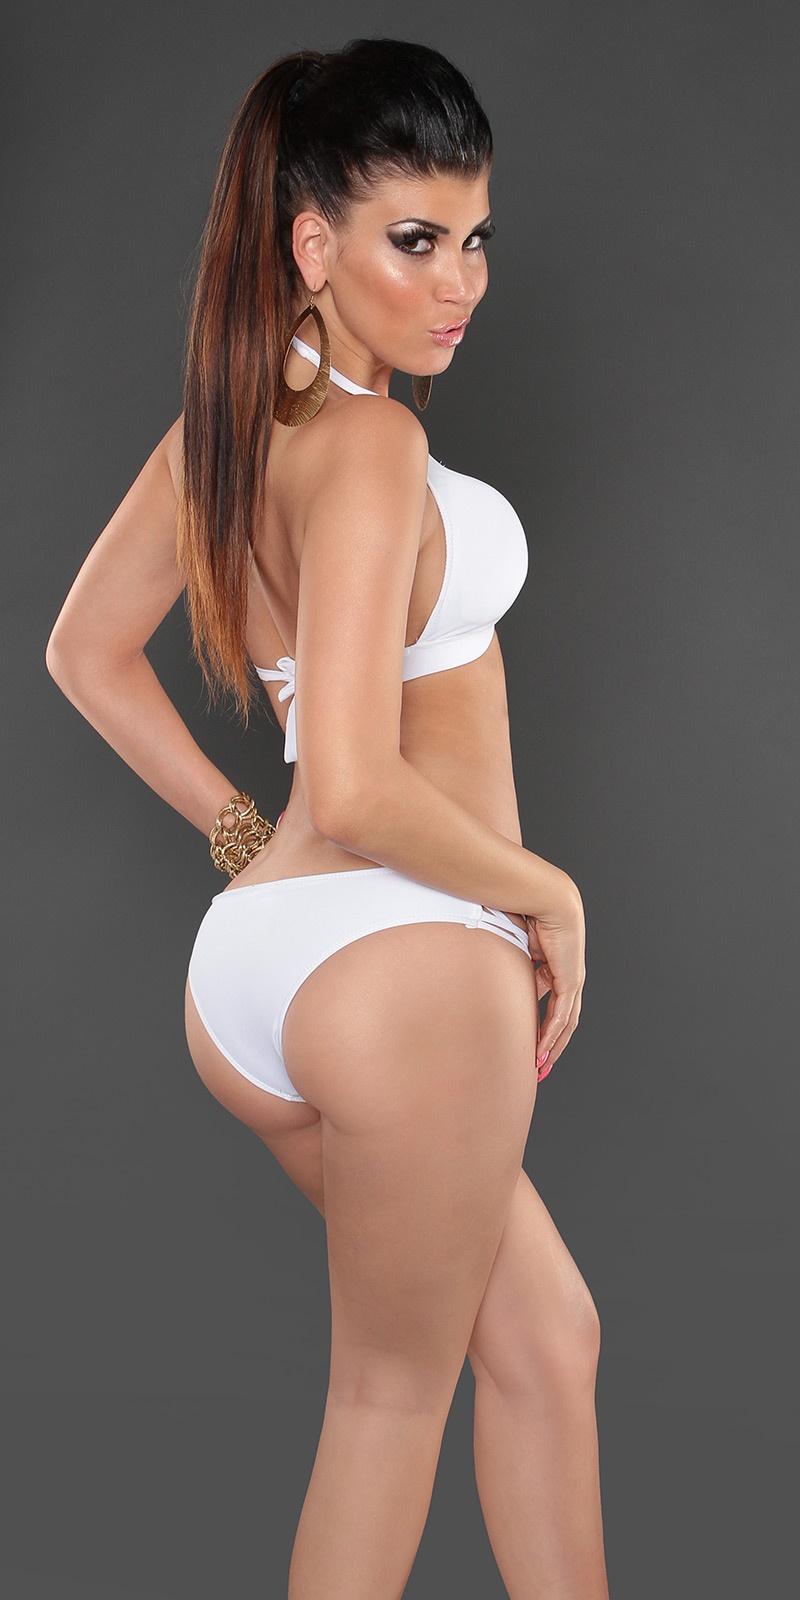 a5dec77501312f Rb156] Białe bikini z ozdobnym wężem :: Deme.pl